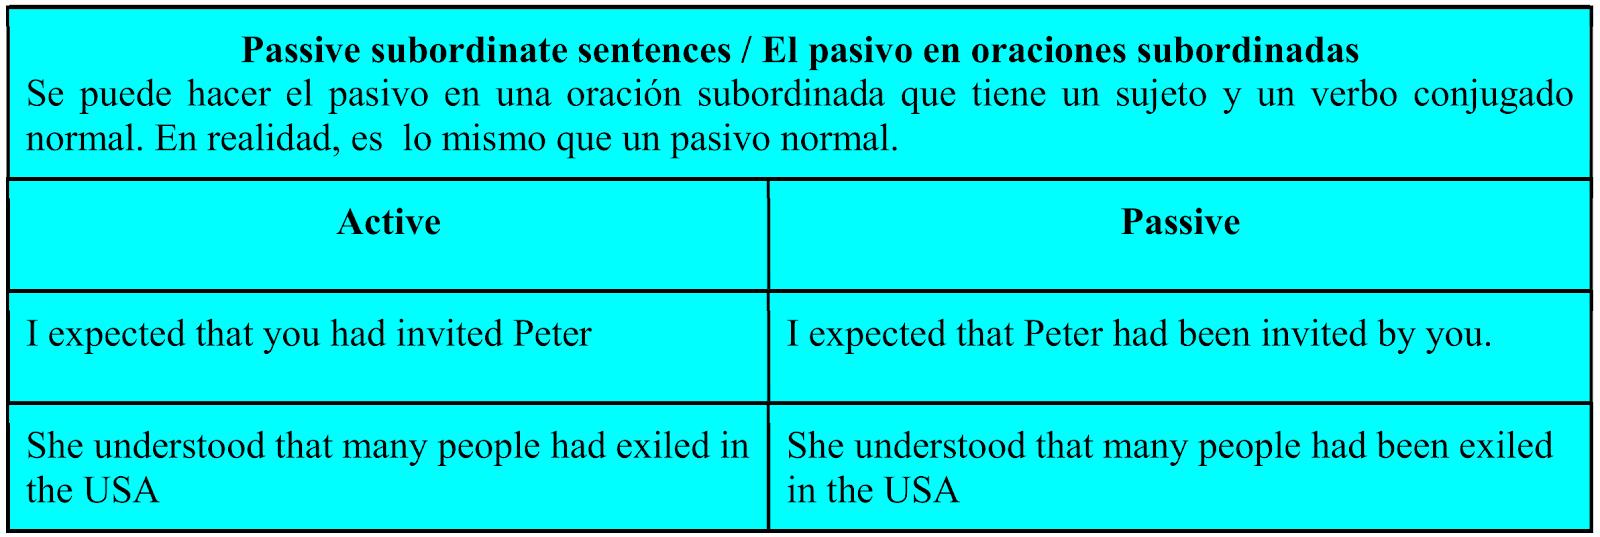 Oraciones subordinadas en pasivo, inglés